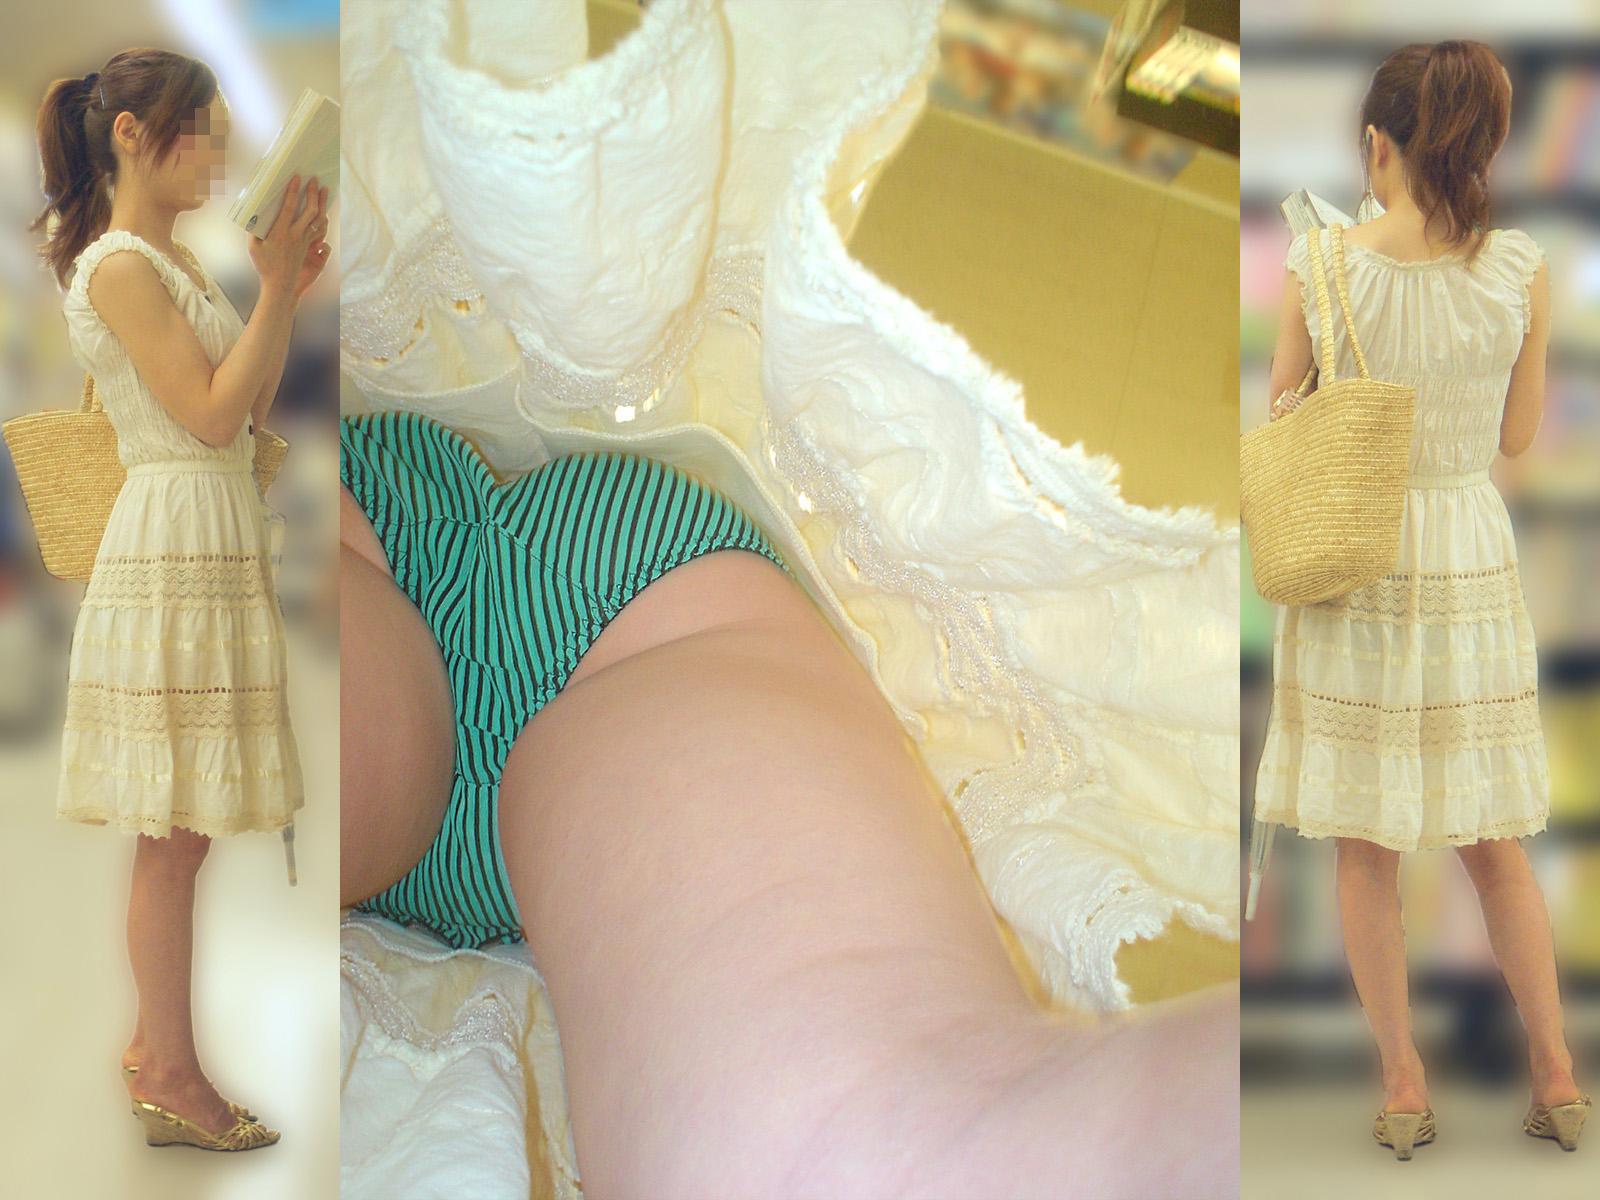 【パンチラエロ画像】潜れば謎の暖気が…スカート内部の逆さ撮り激写!(;・∀・)